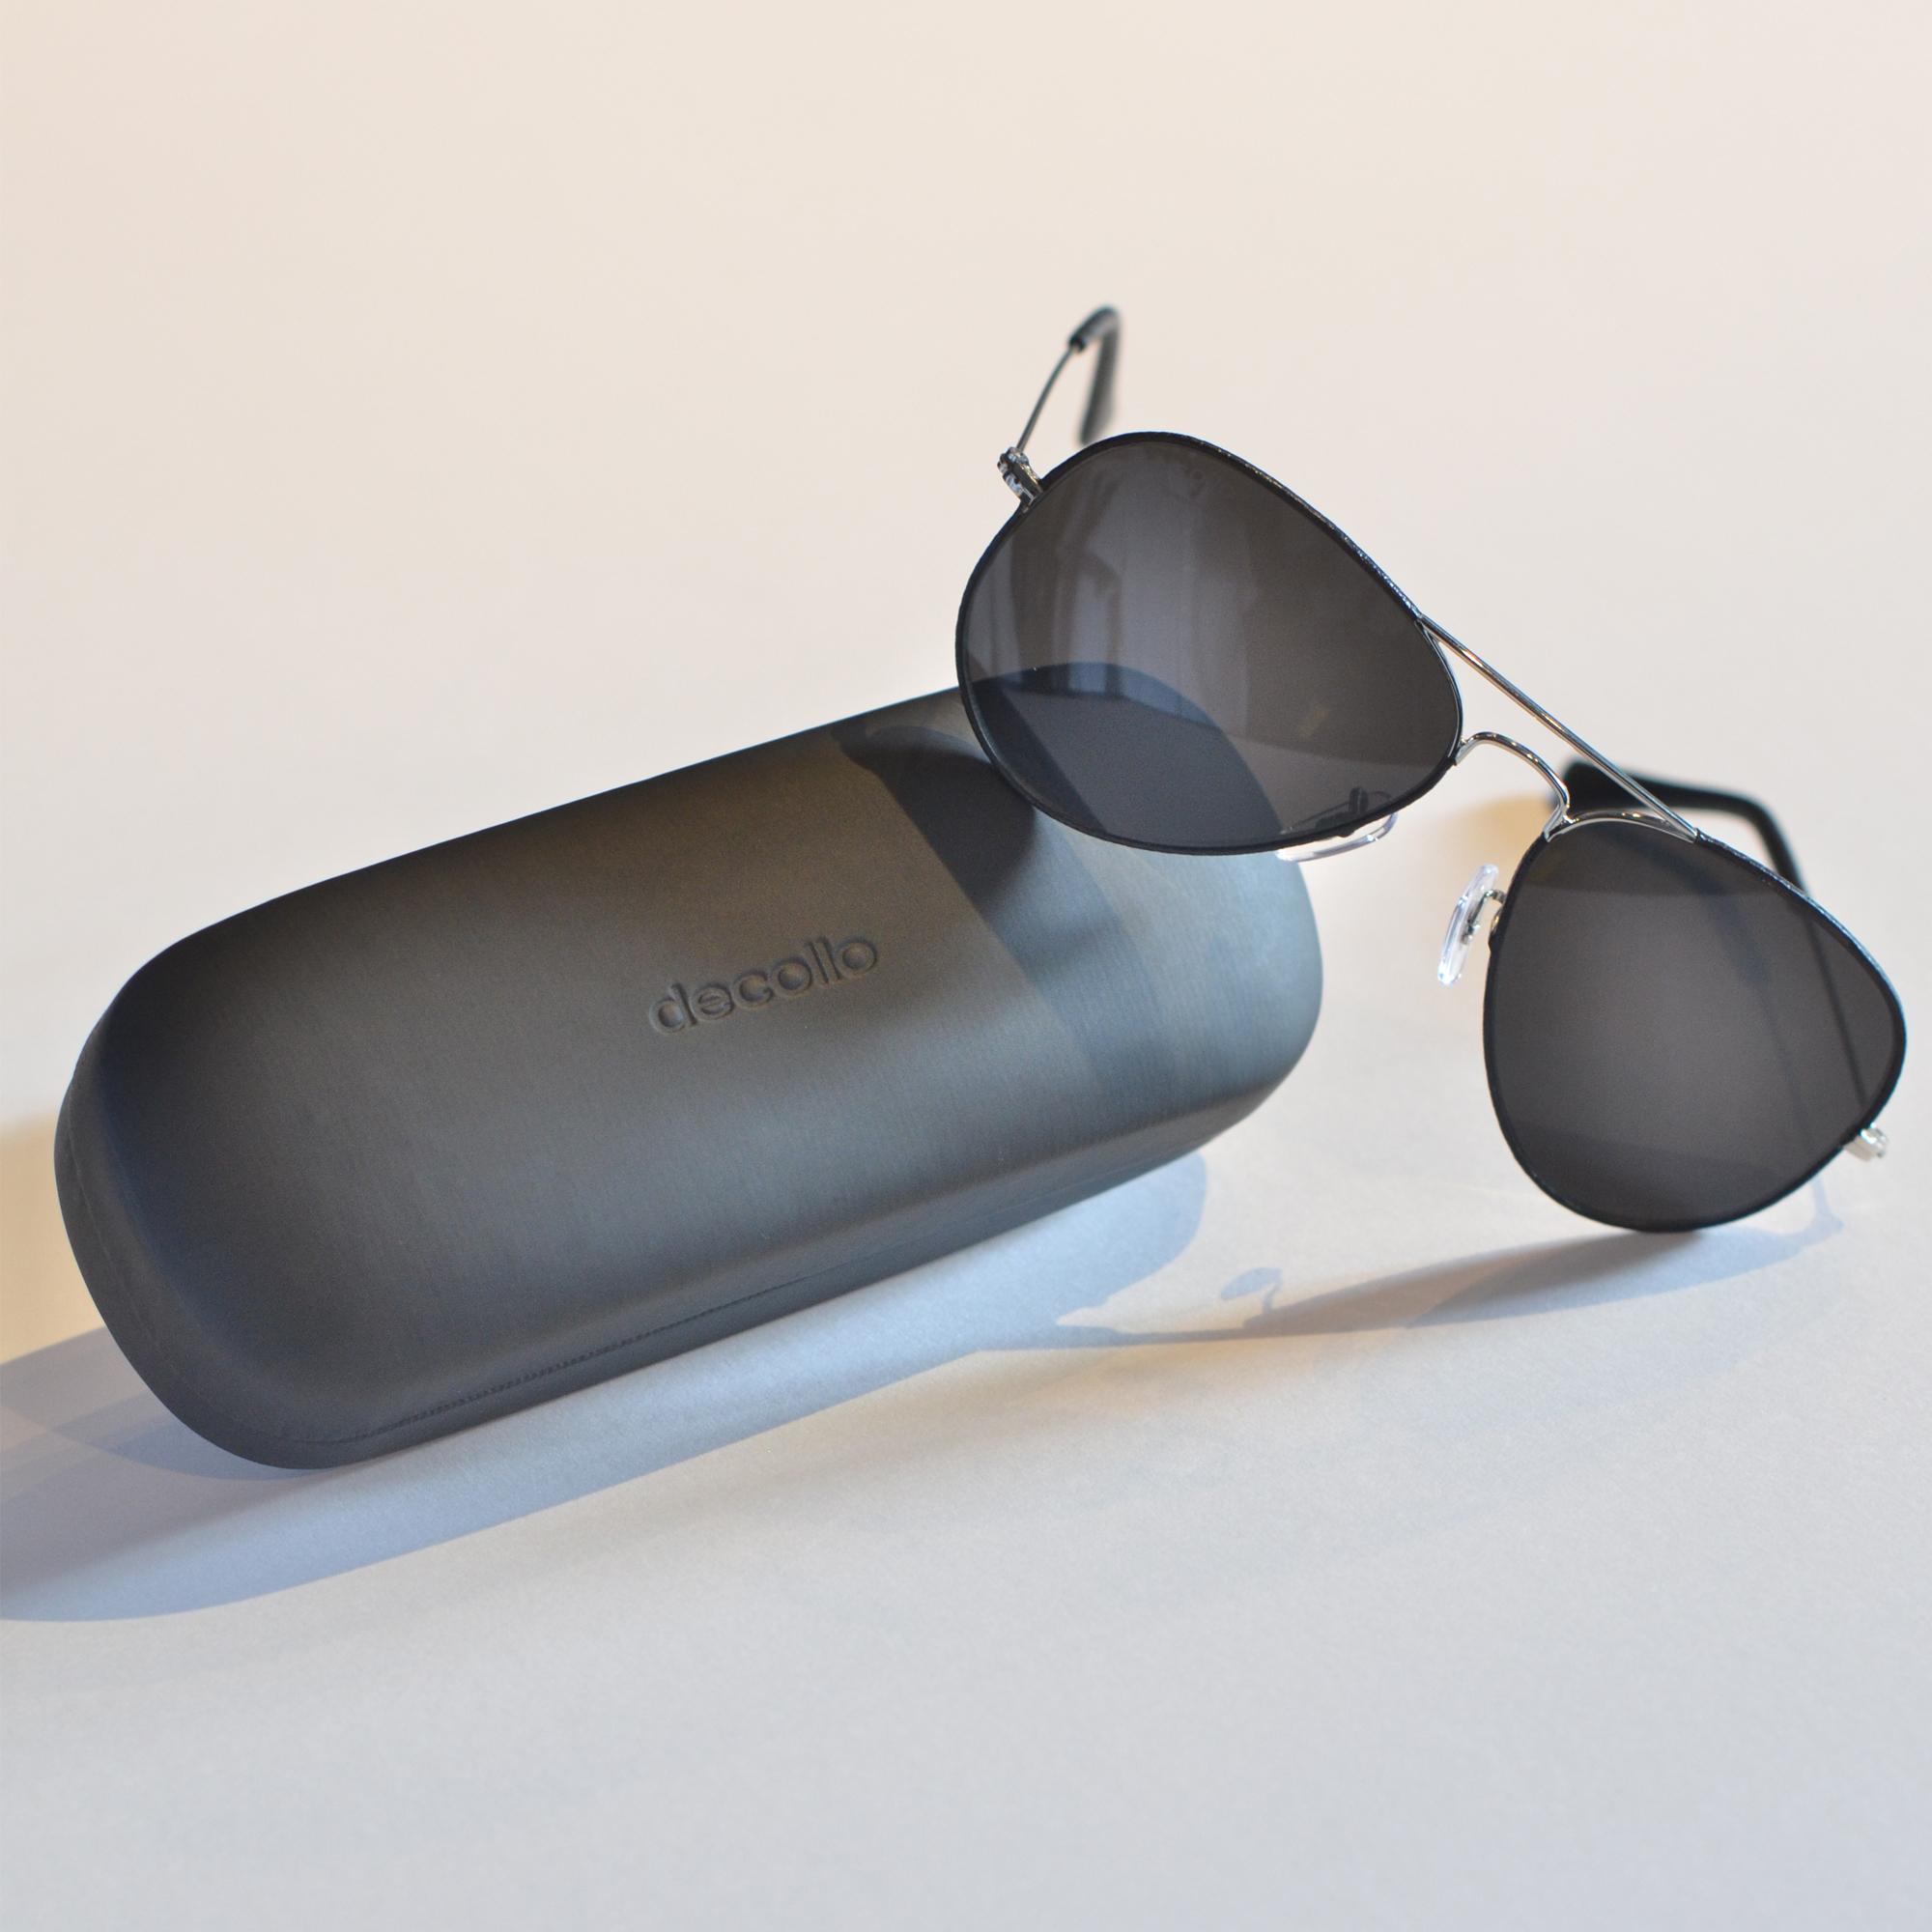 DLA-J05 decollouomo ティアドロップサングラス ブラックスモーク/ブラックレザー